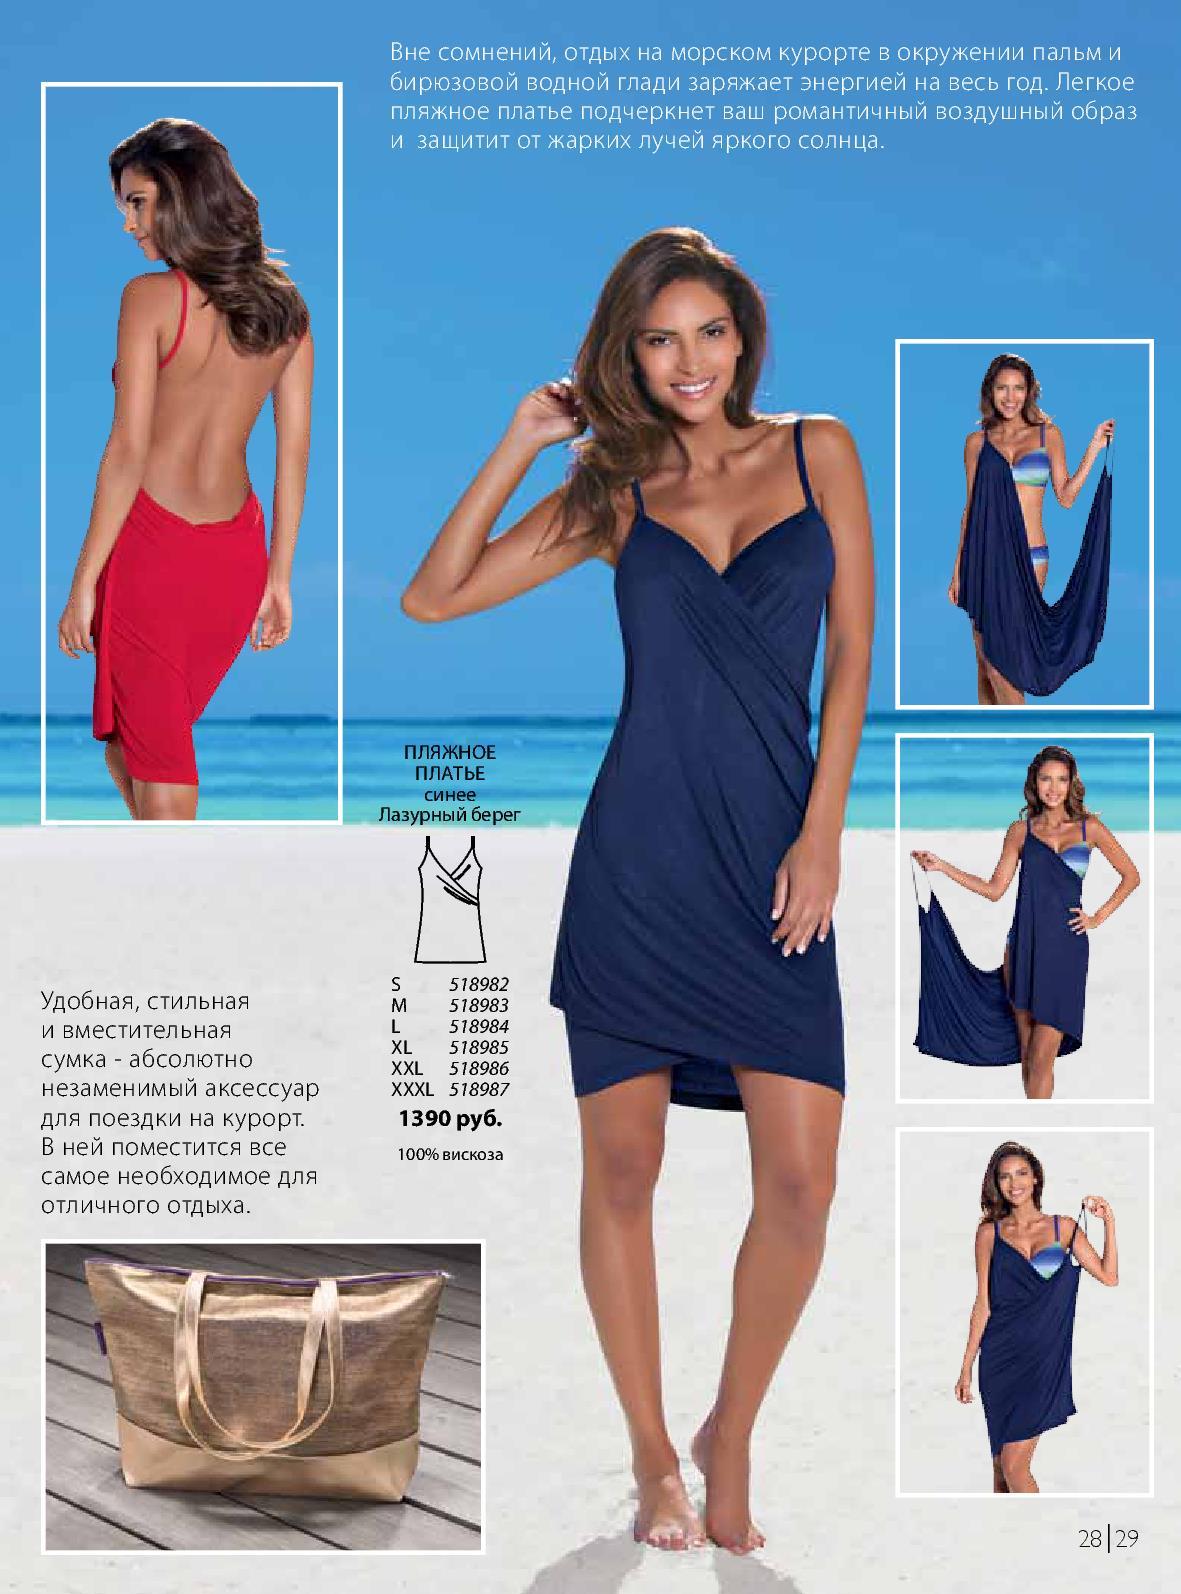 Пляжное платье Флоранж (Аквамарин бирюзовое, Южный закат красное, Лазурный берег синее)